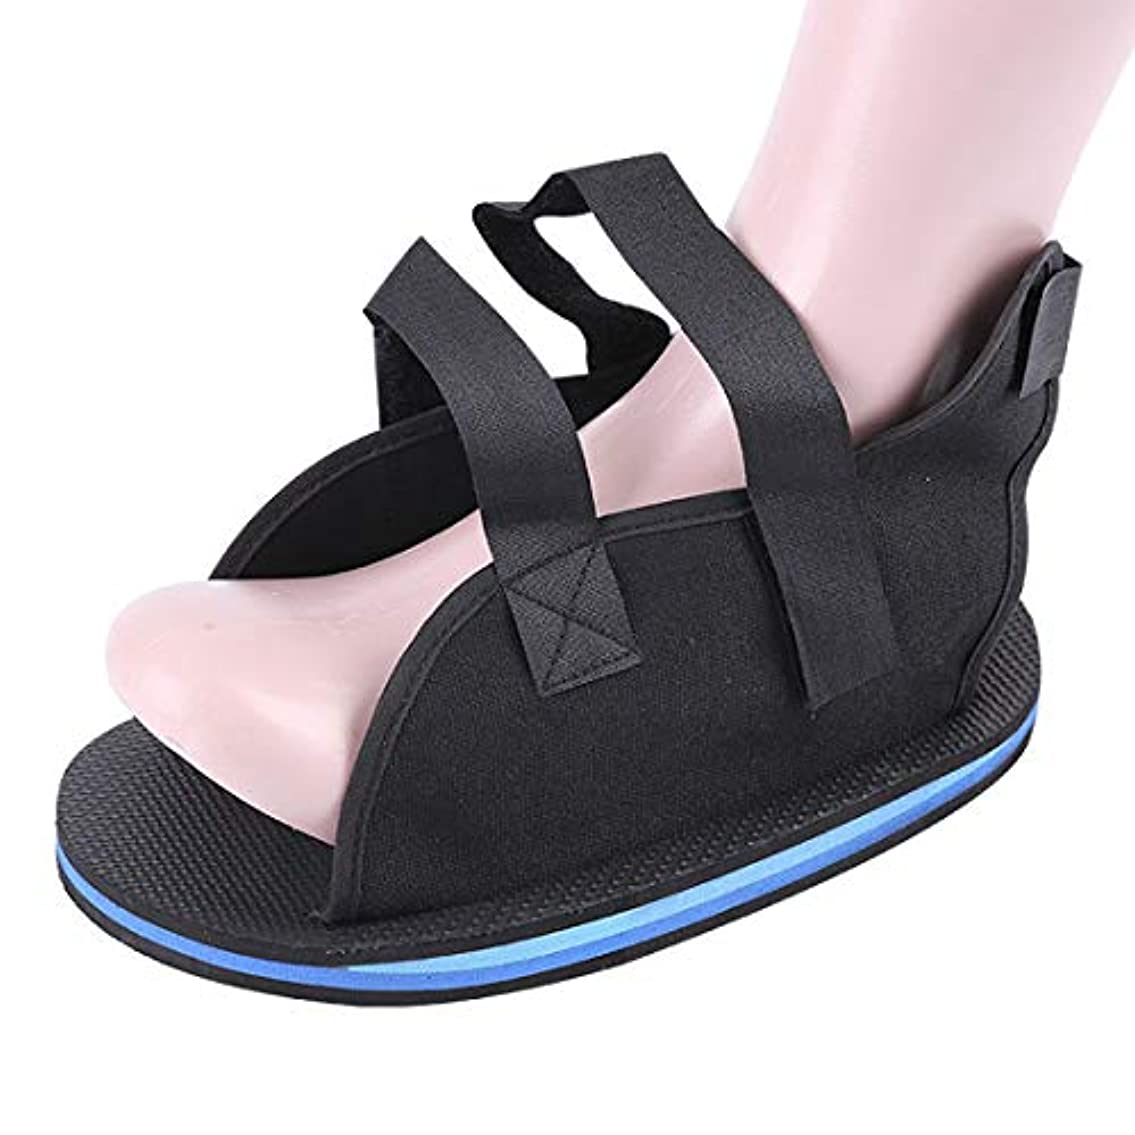 糞連続したフェザー医療足骨折石膏の回復靴の手術後のつま先の靴を安定化骨折の靴を調整可能なファスナーで完全なカバー,XS20cm